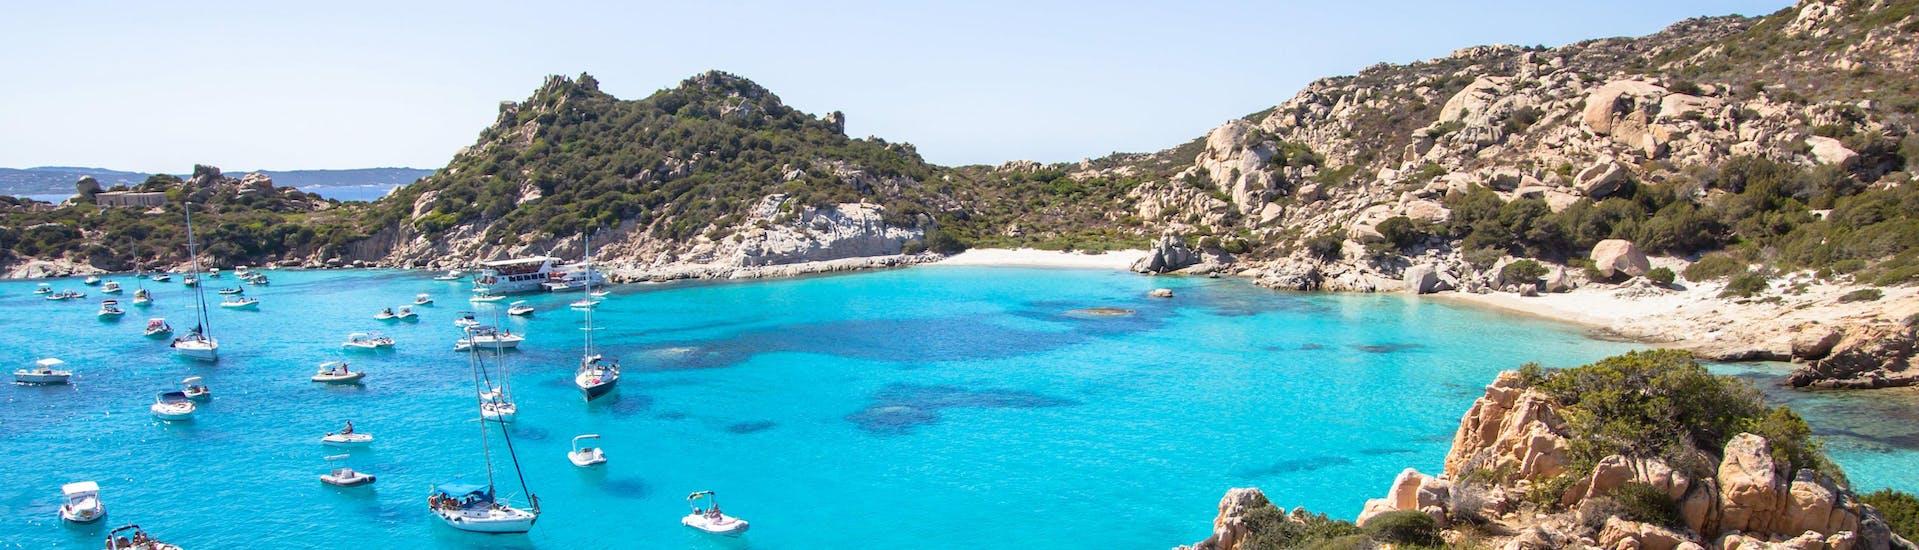 Ein Bild der wunderschönen Cala Corsada, einem der Orte die man bei einer Bootstour in La Maddalena besuchen kann.